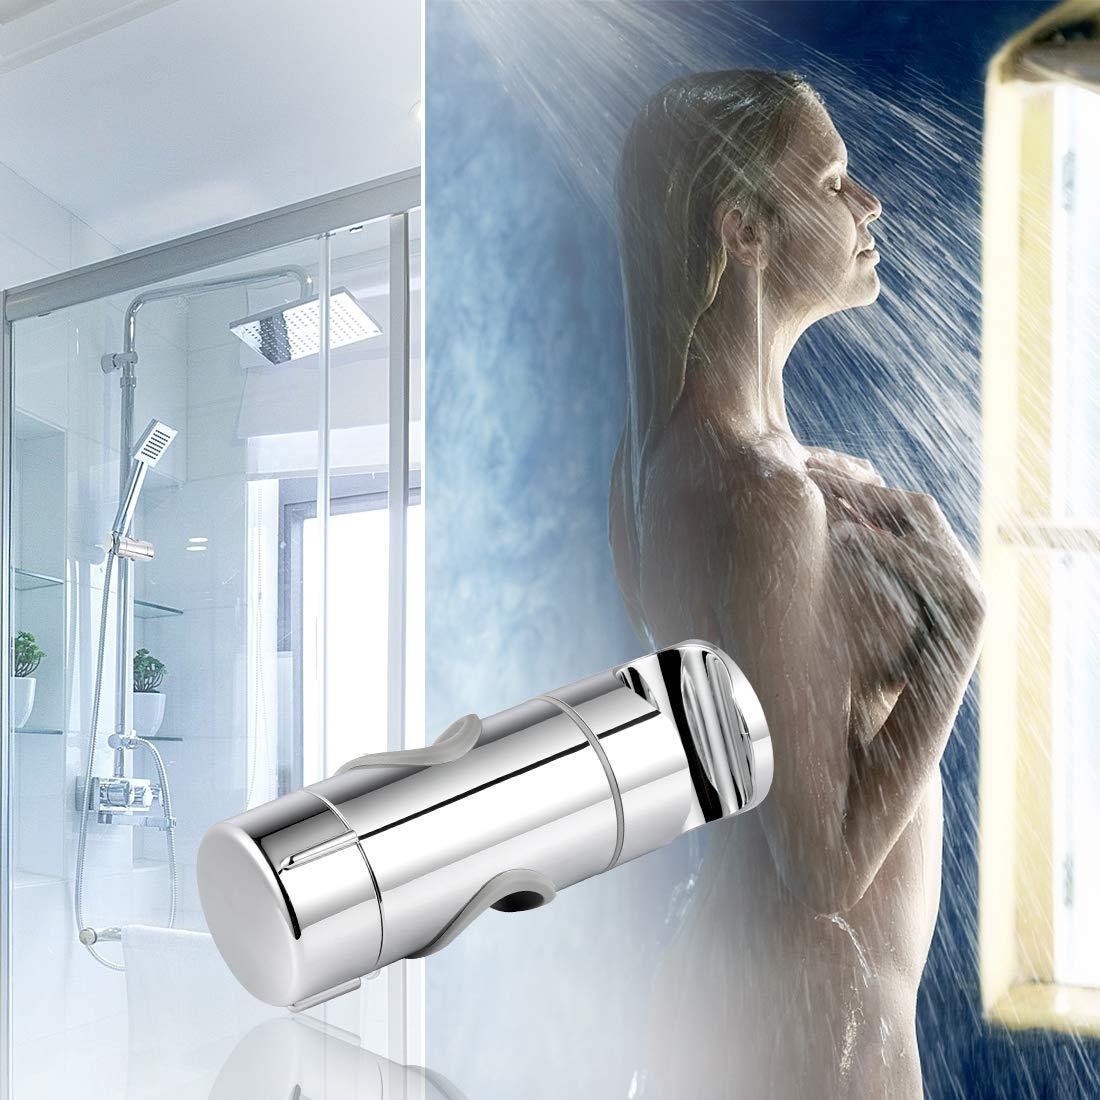 Joyoldelf Soporte universal para alcachofa de ducha ajustable a 90/°, flexible, giratorio, para barra deslizante, di/ámetro exterior de 19 a 25 mm, pl/ástico ABS, cromado